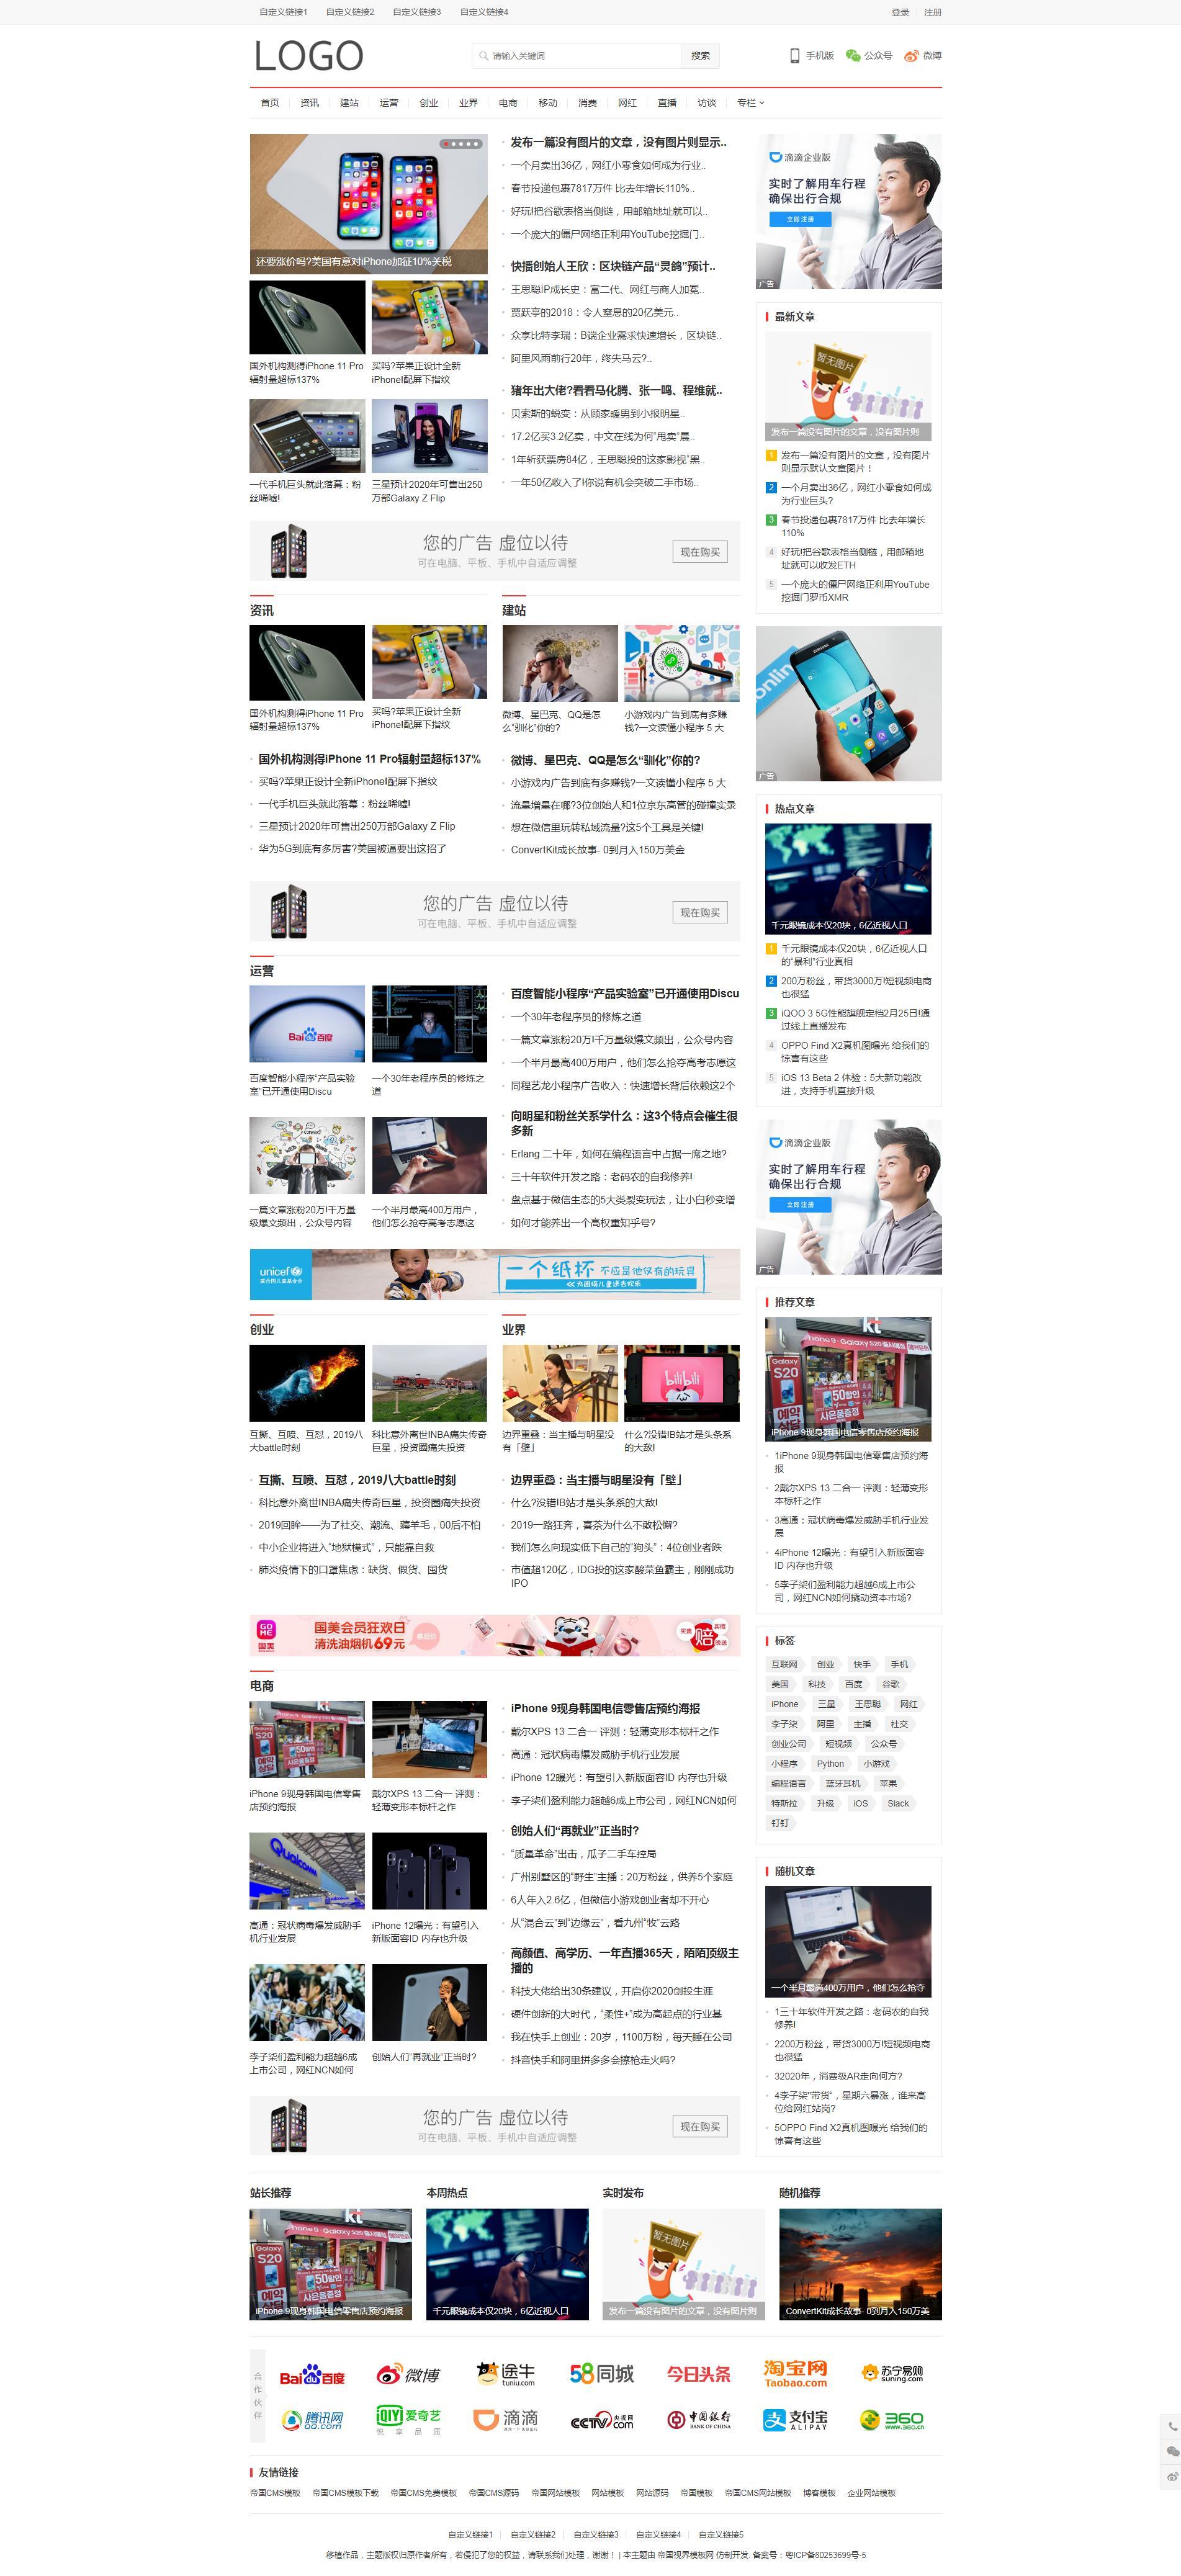 网站首页.jpg [DG-063]帝国CMS自适应高端自媒体博客文章资讯模板(带会员中心) 新闻资讯 第1张